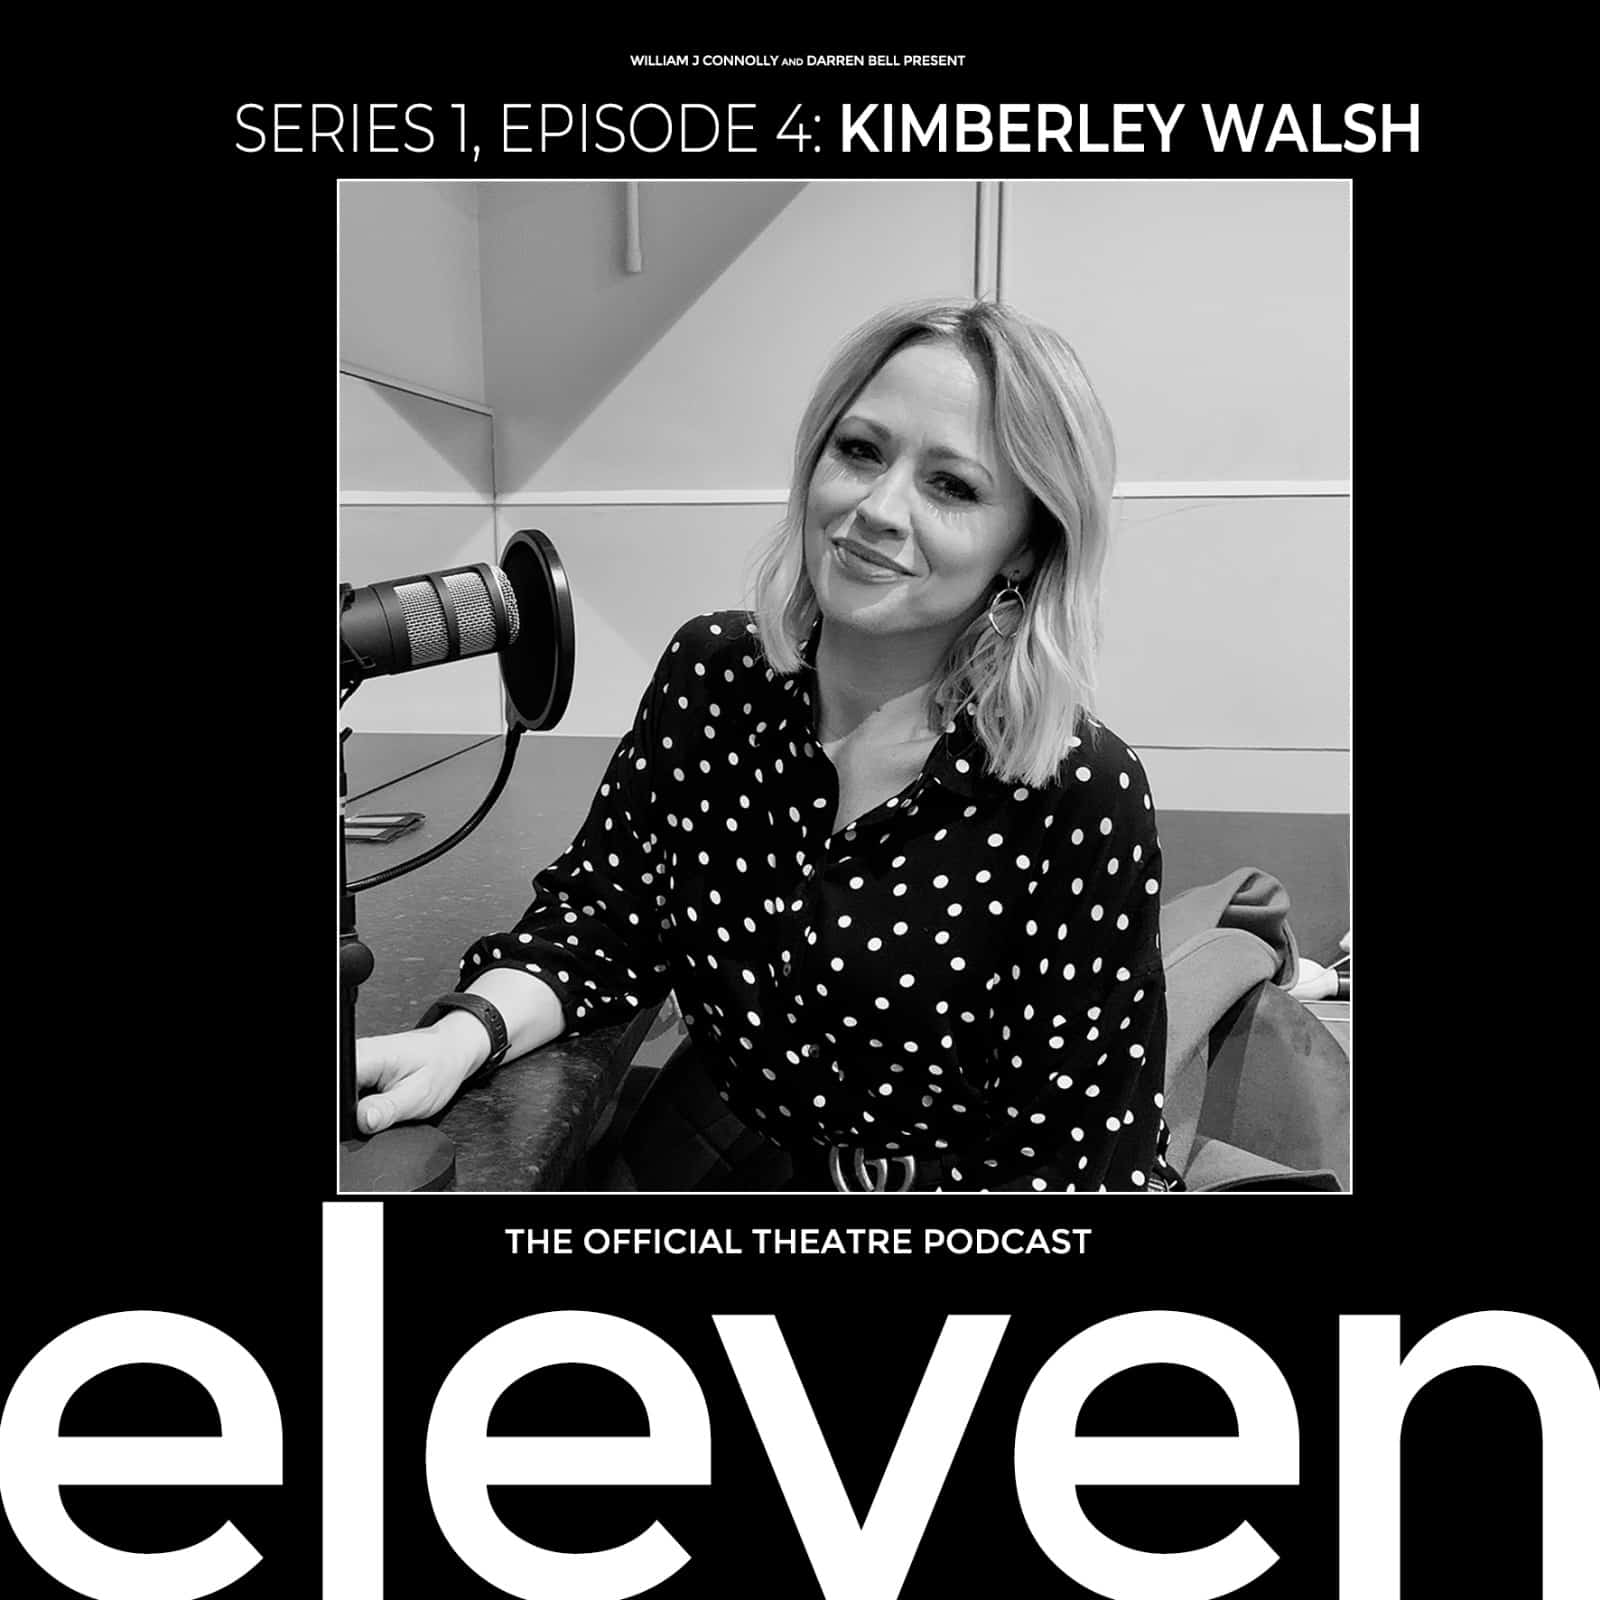 eleven ep4 Kimberley Walsh